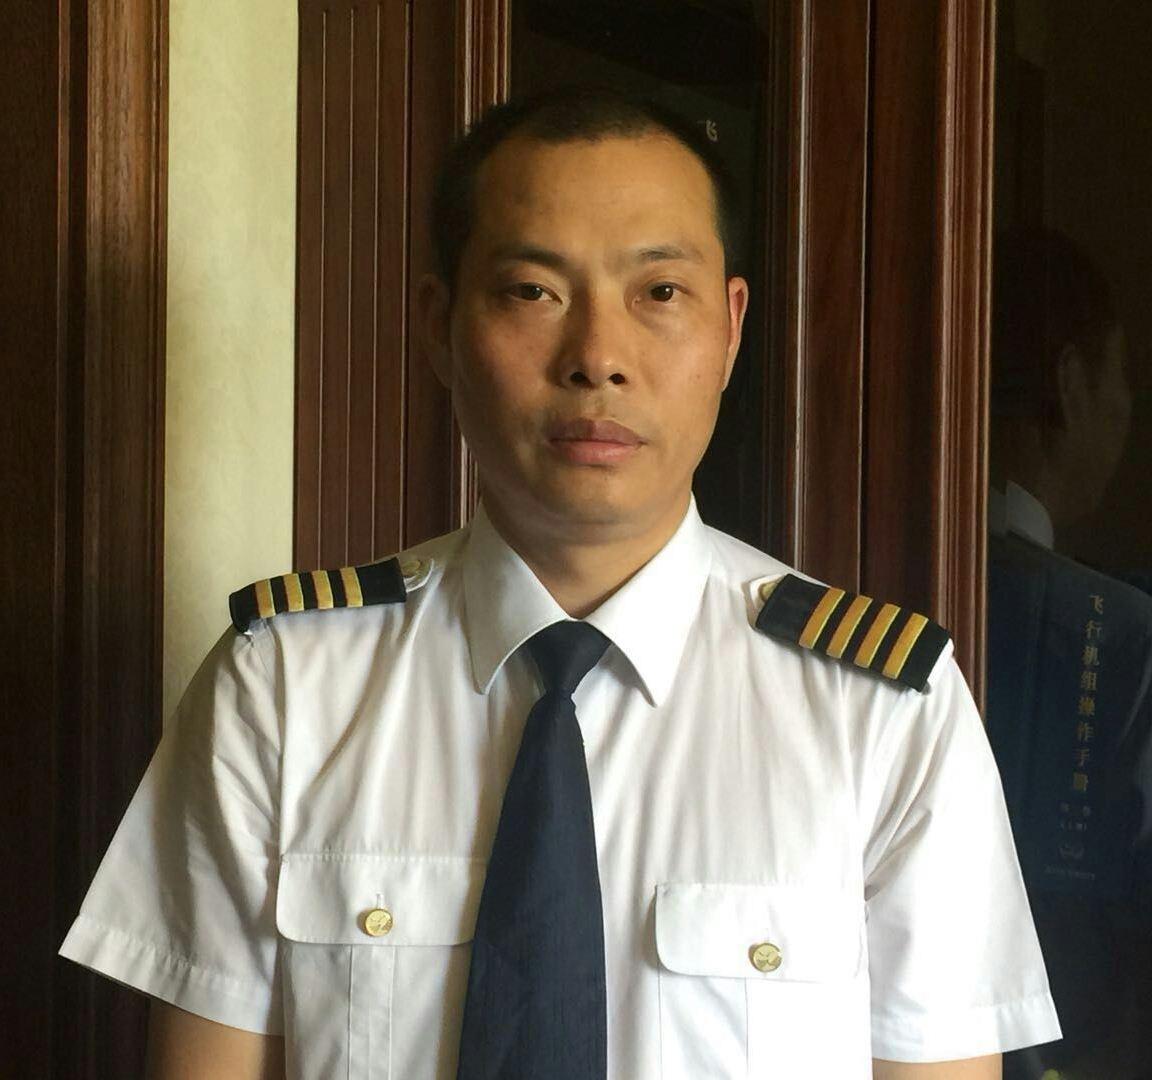 中国版《萨利机长》 川航英雄机长故事将拍电影